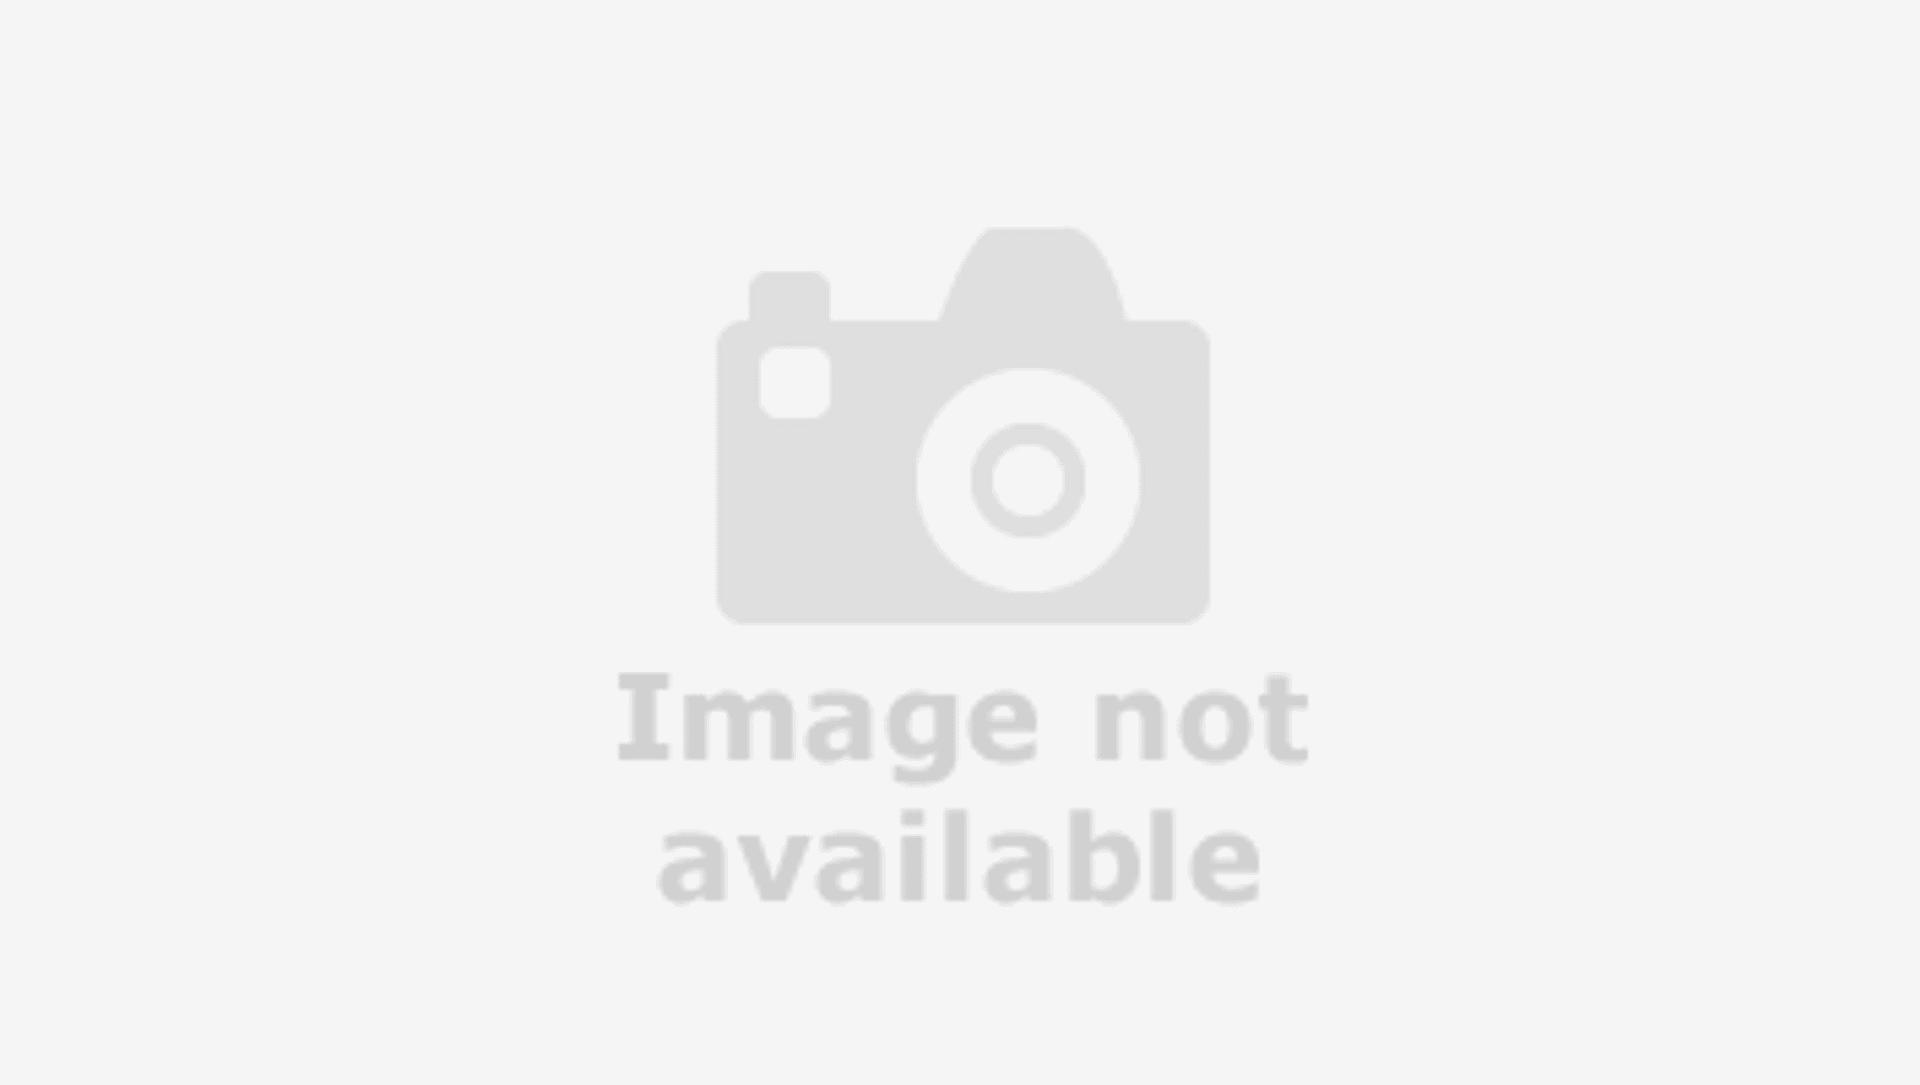 Audi A7 BiTDI V6 image